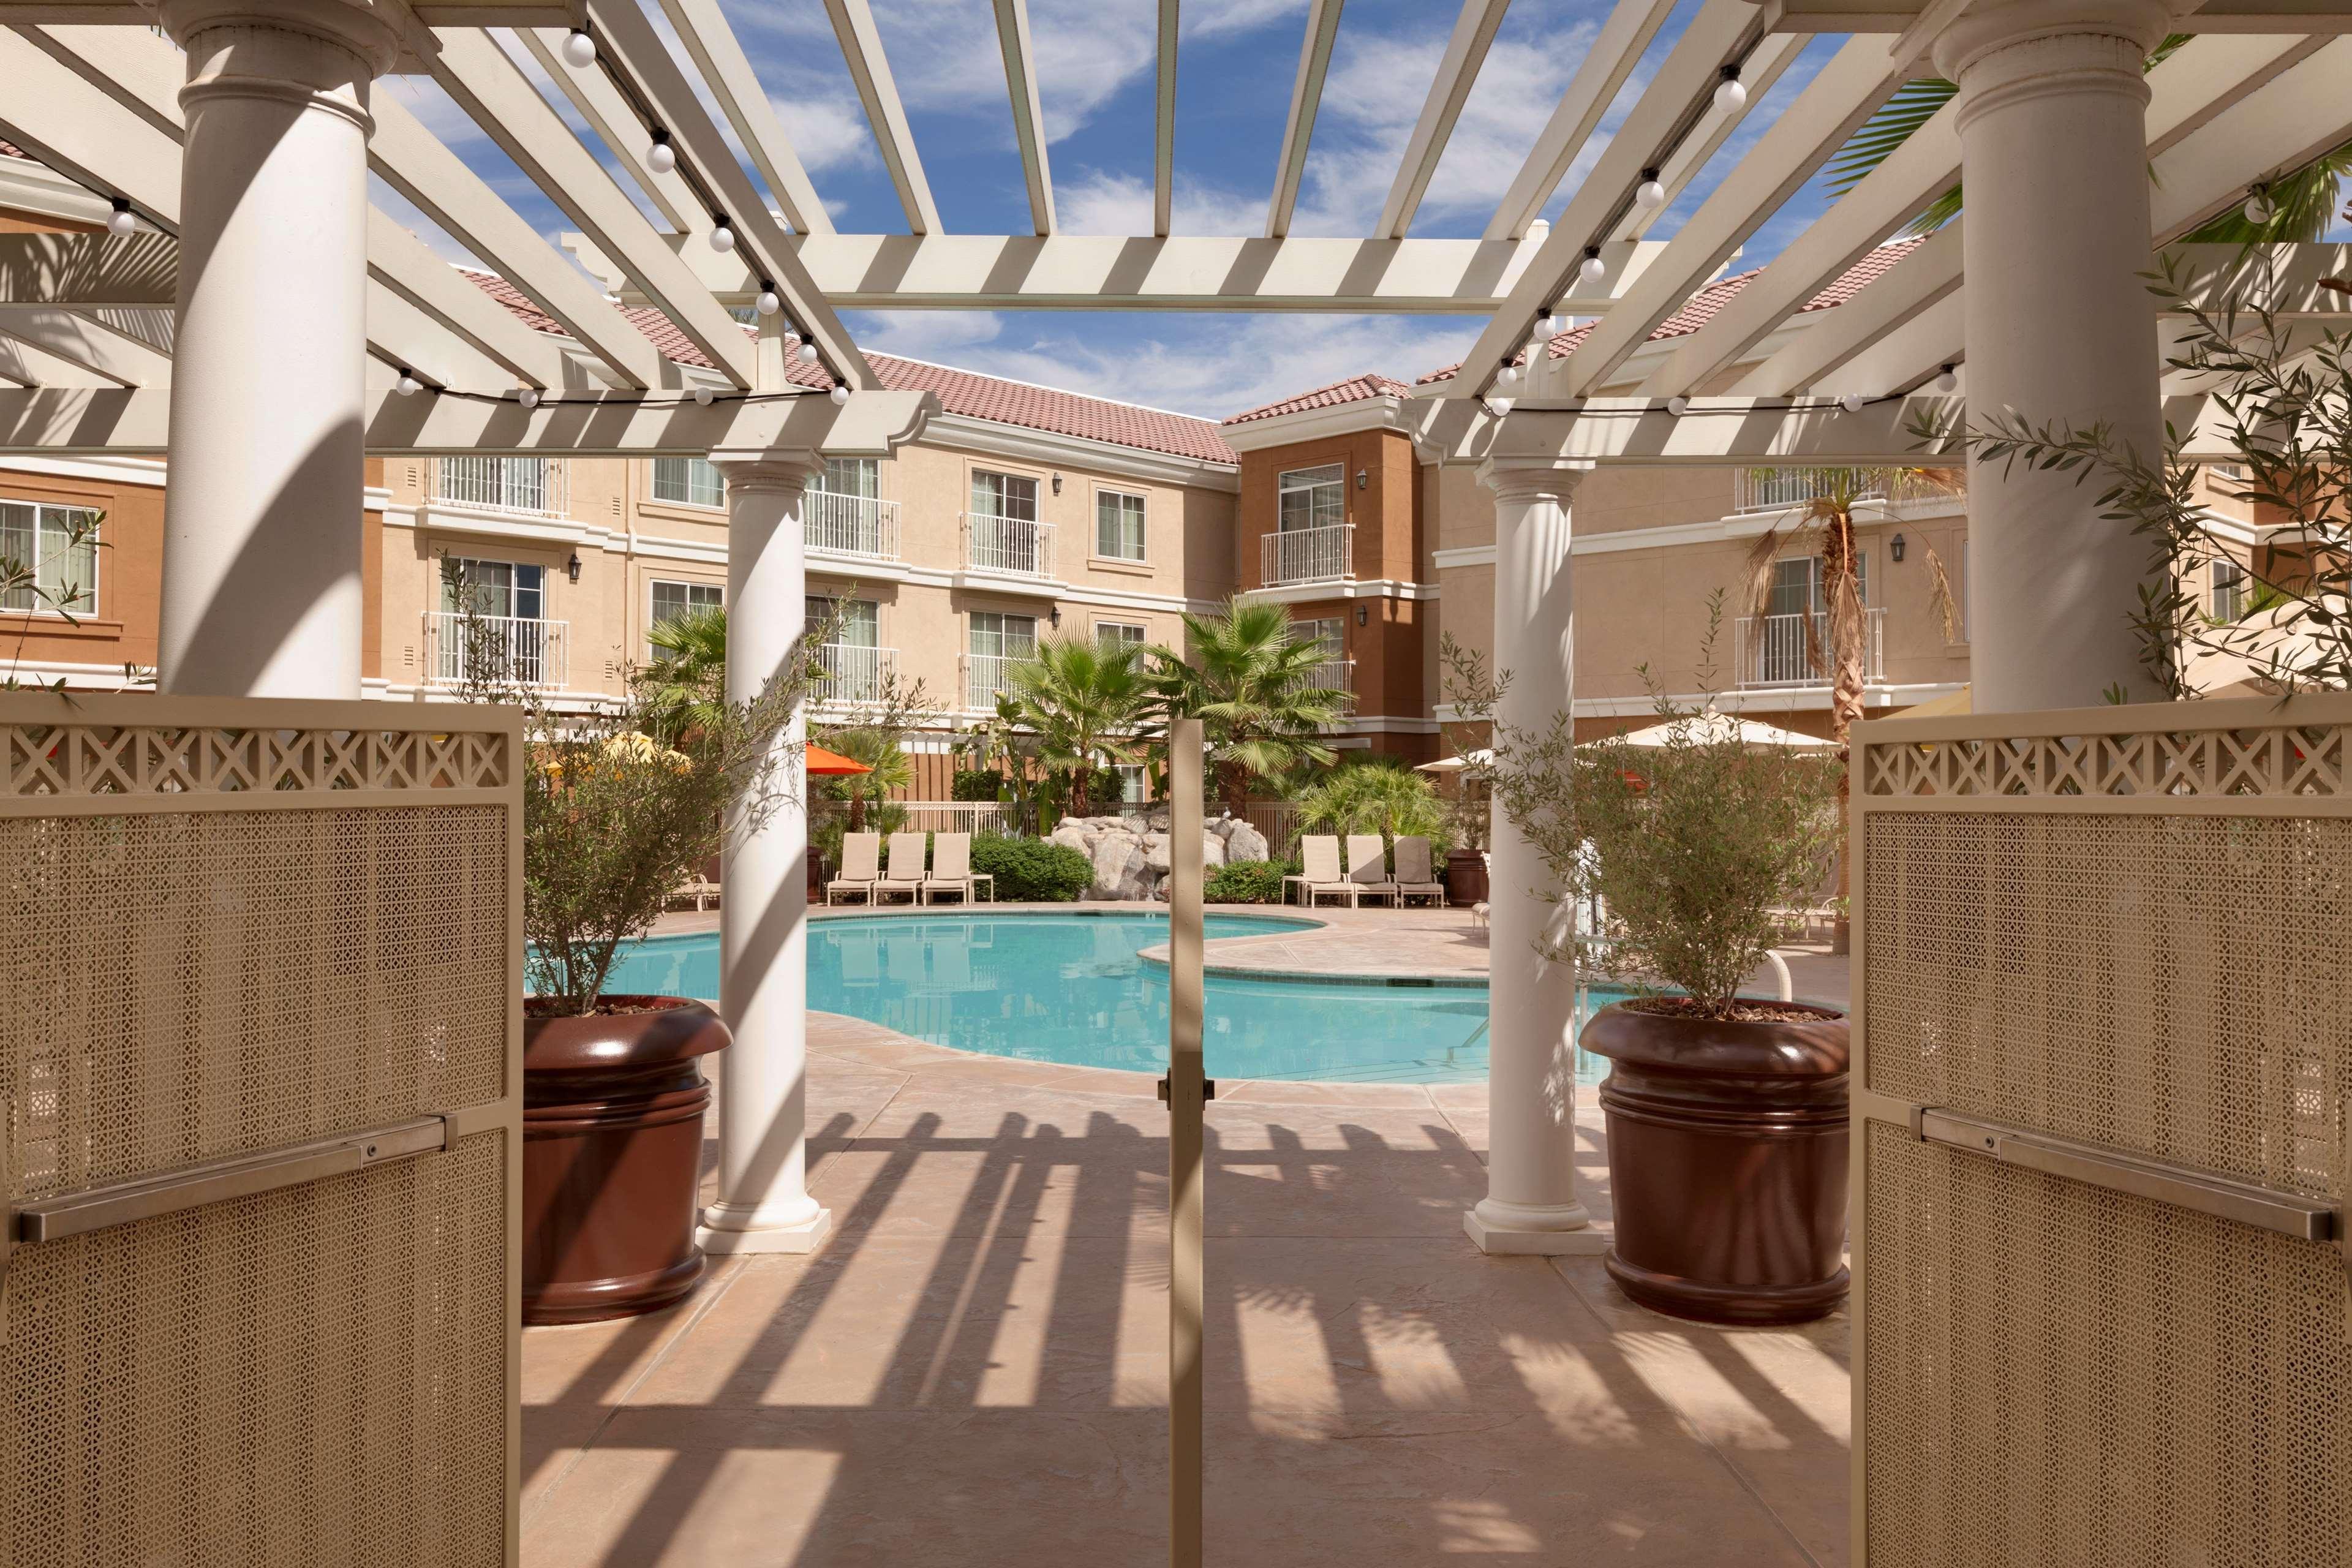 Homewood Suites by Hilton La Quinta image 9